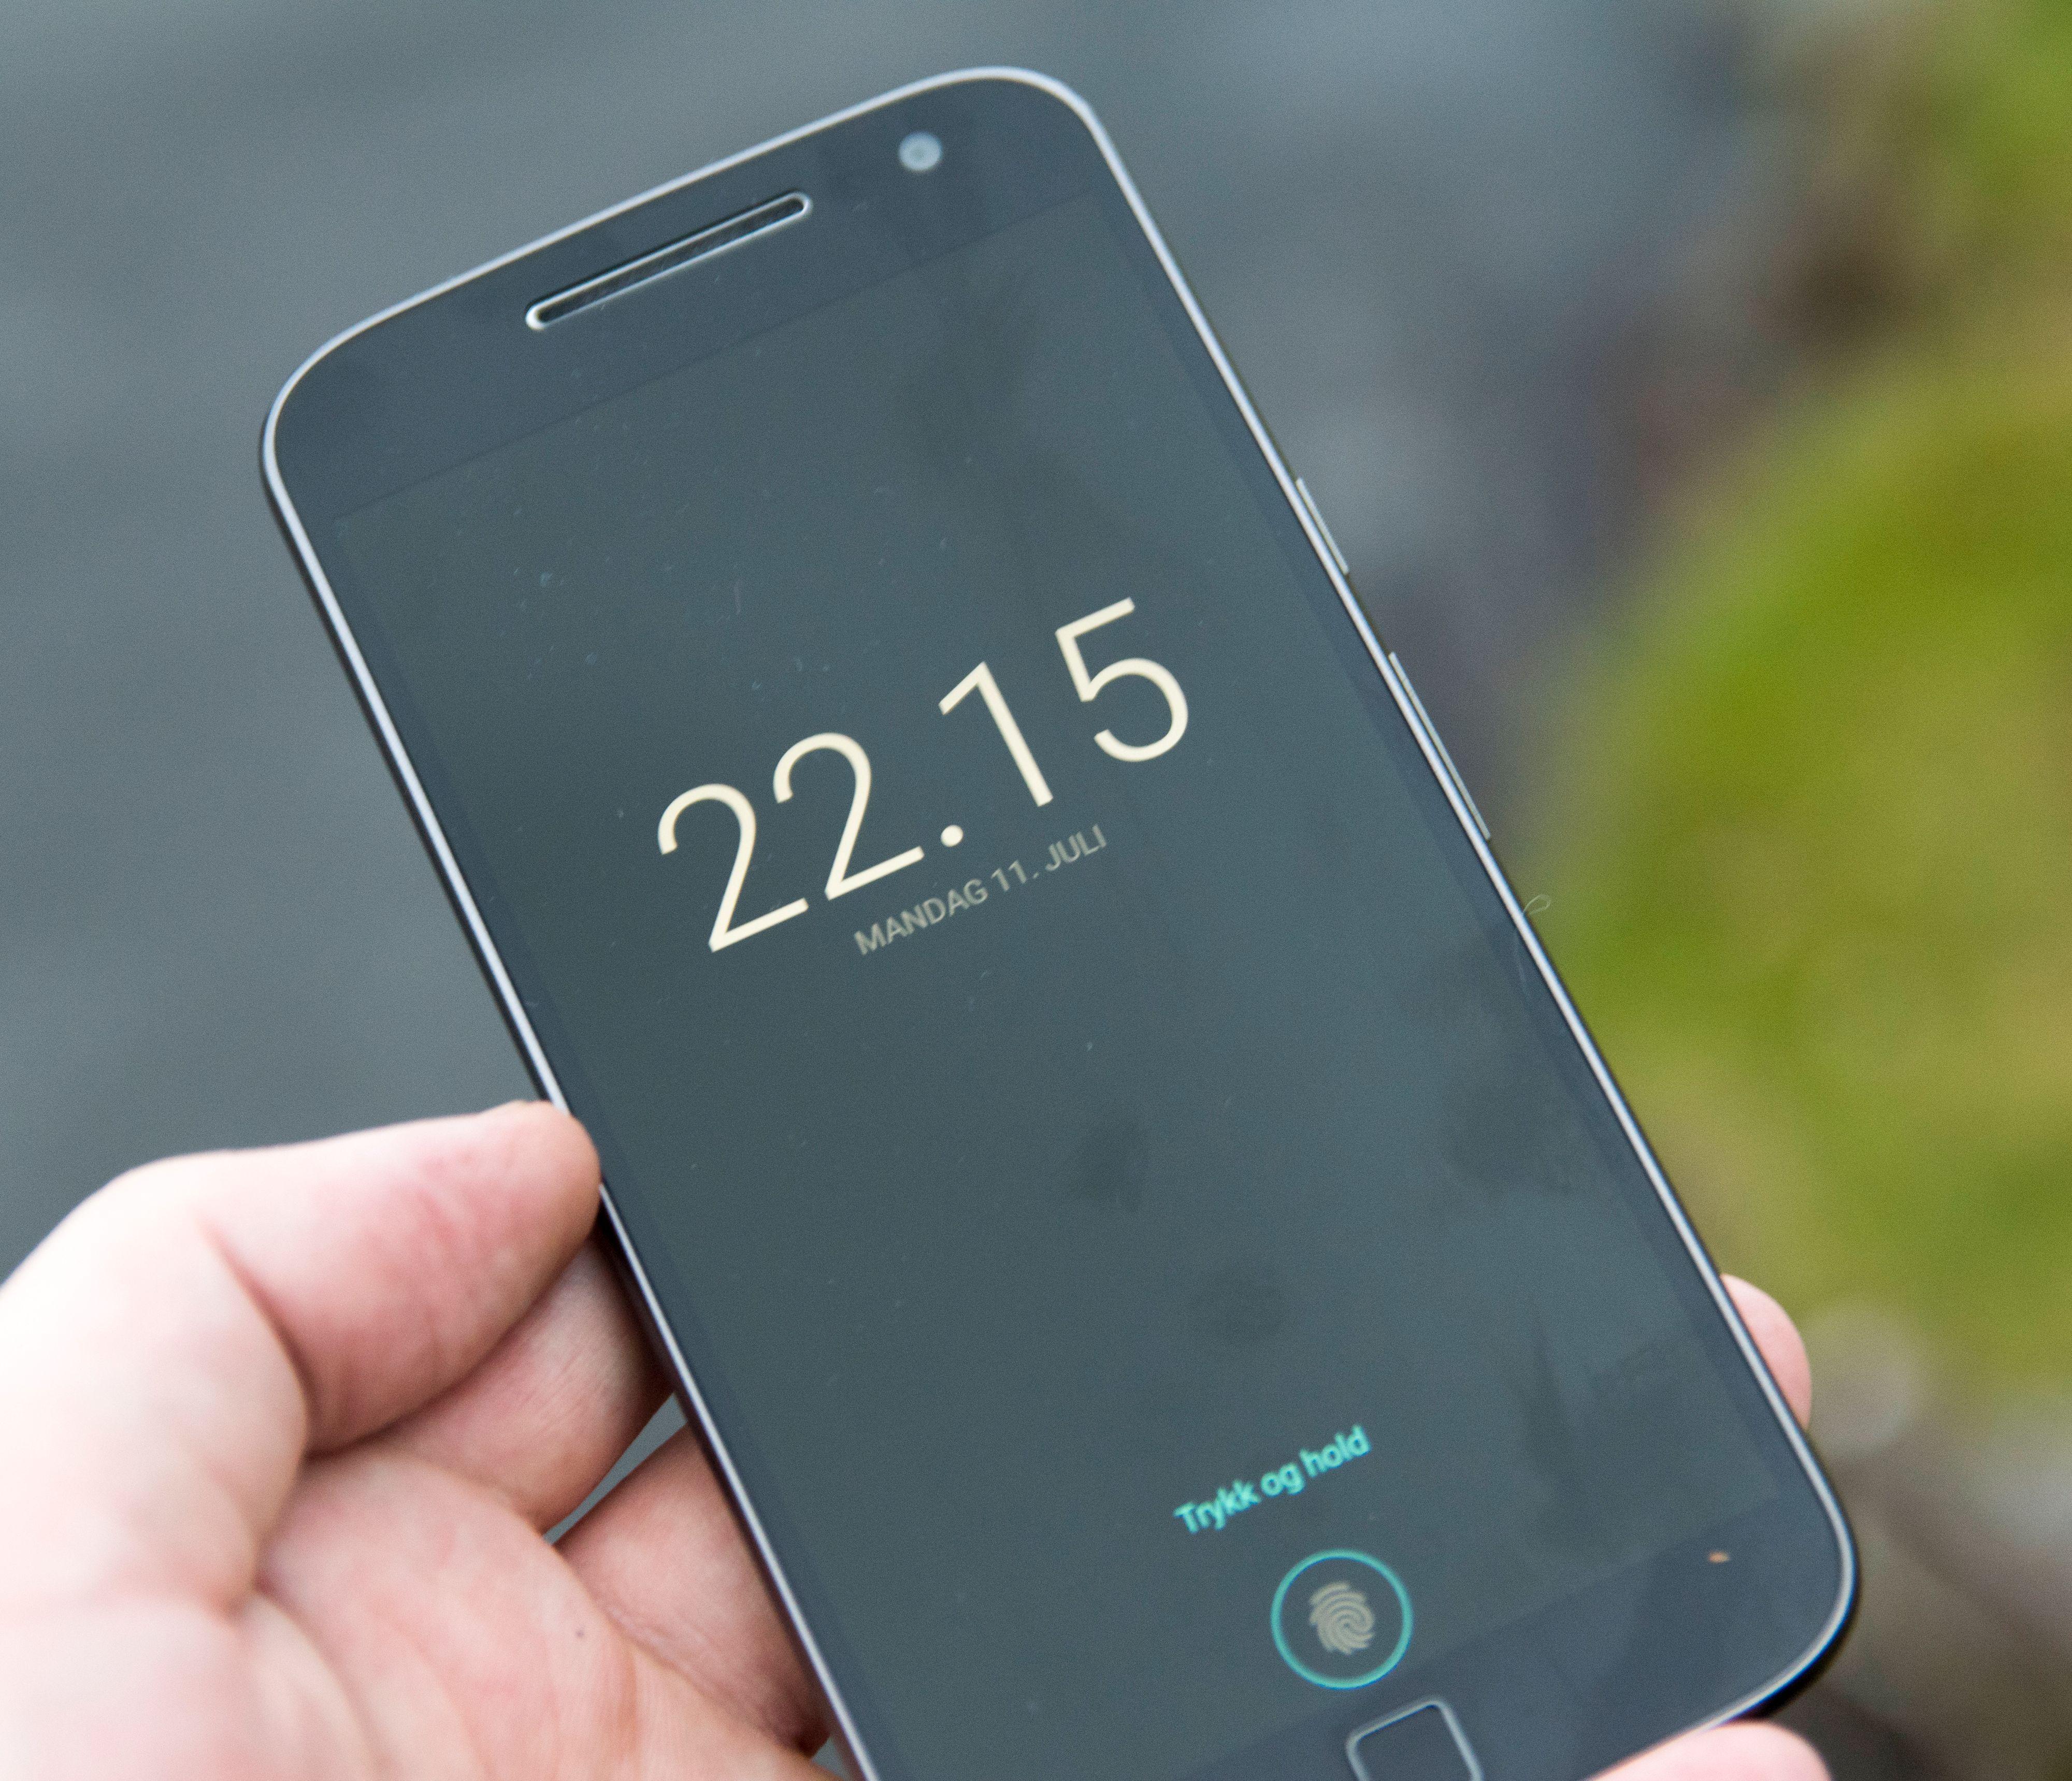 Skjermen viser klokkeslett og varslinger dersom mobilen plutselig flytter på seg. Dette kan du velge å skru av helt, eller begrense tidsområdet for.